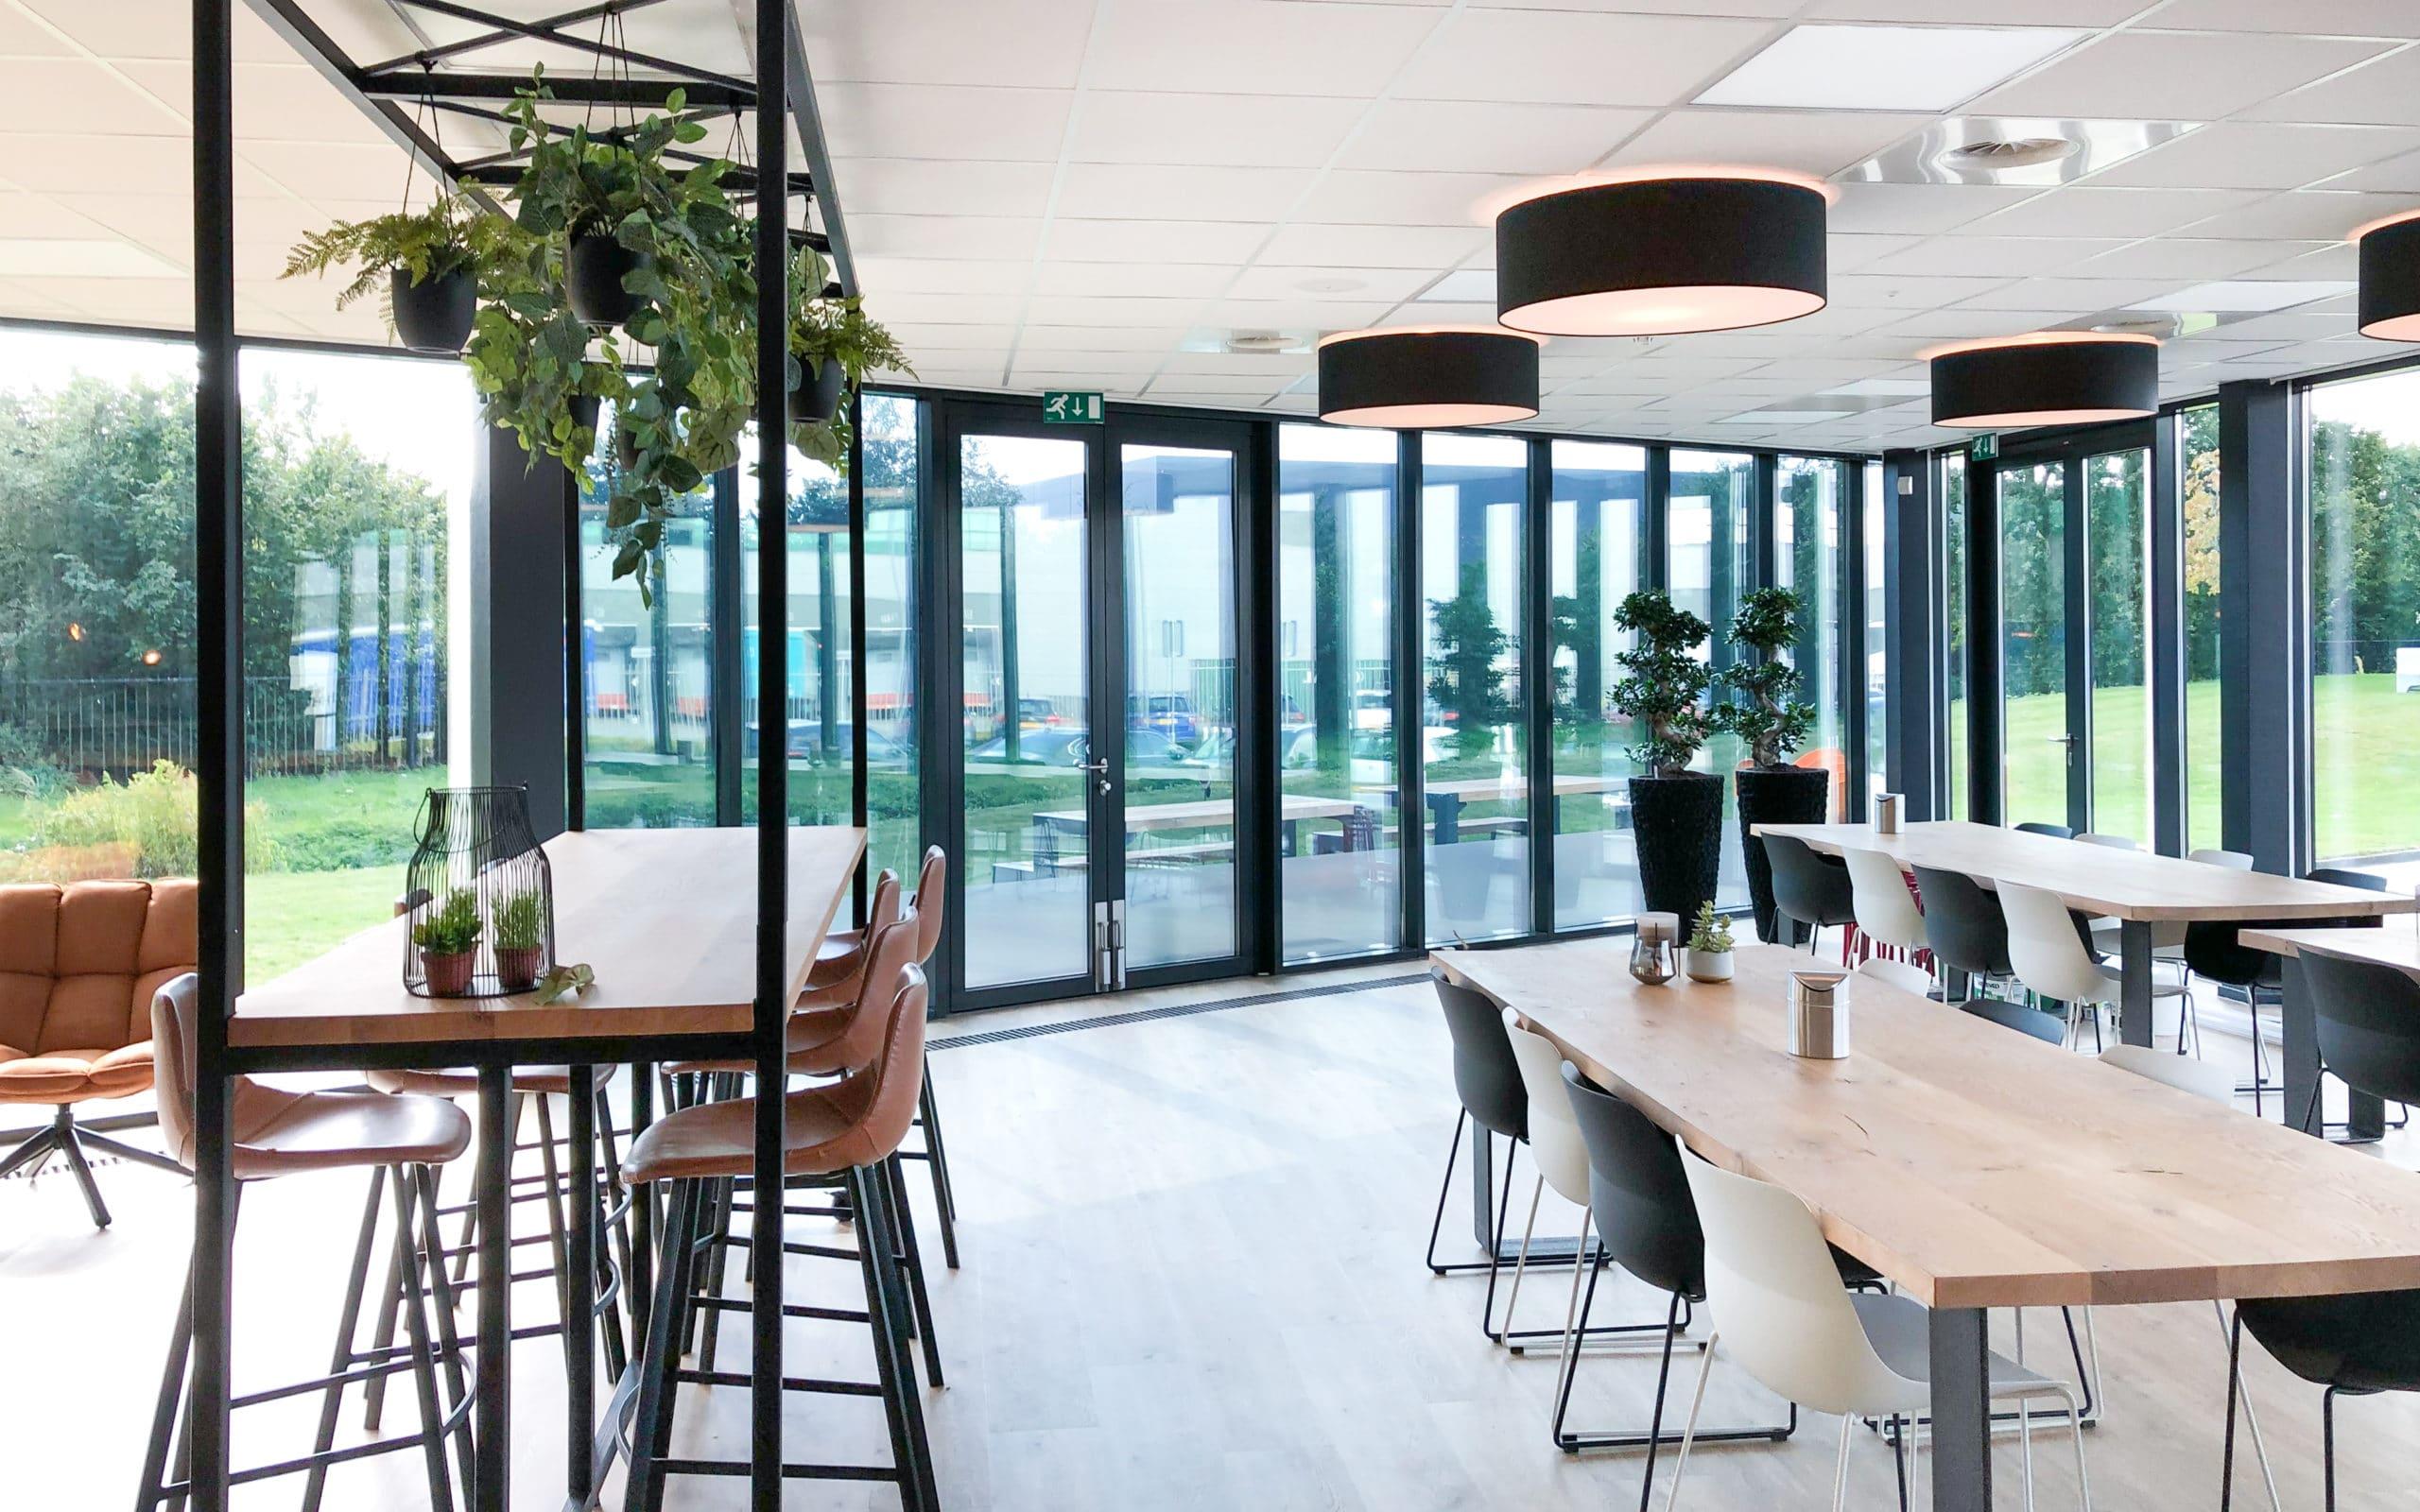 kantoorbeplanting zwarte lava plantenbak met ficus en hangplanten groene werkplek